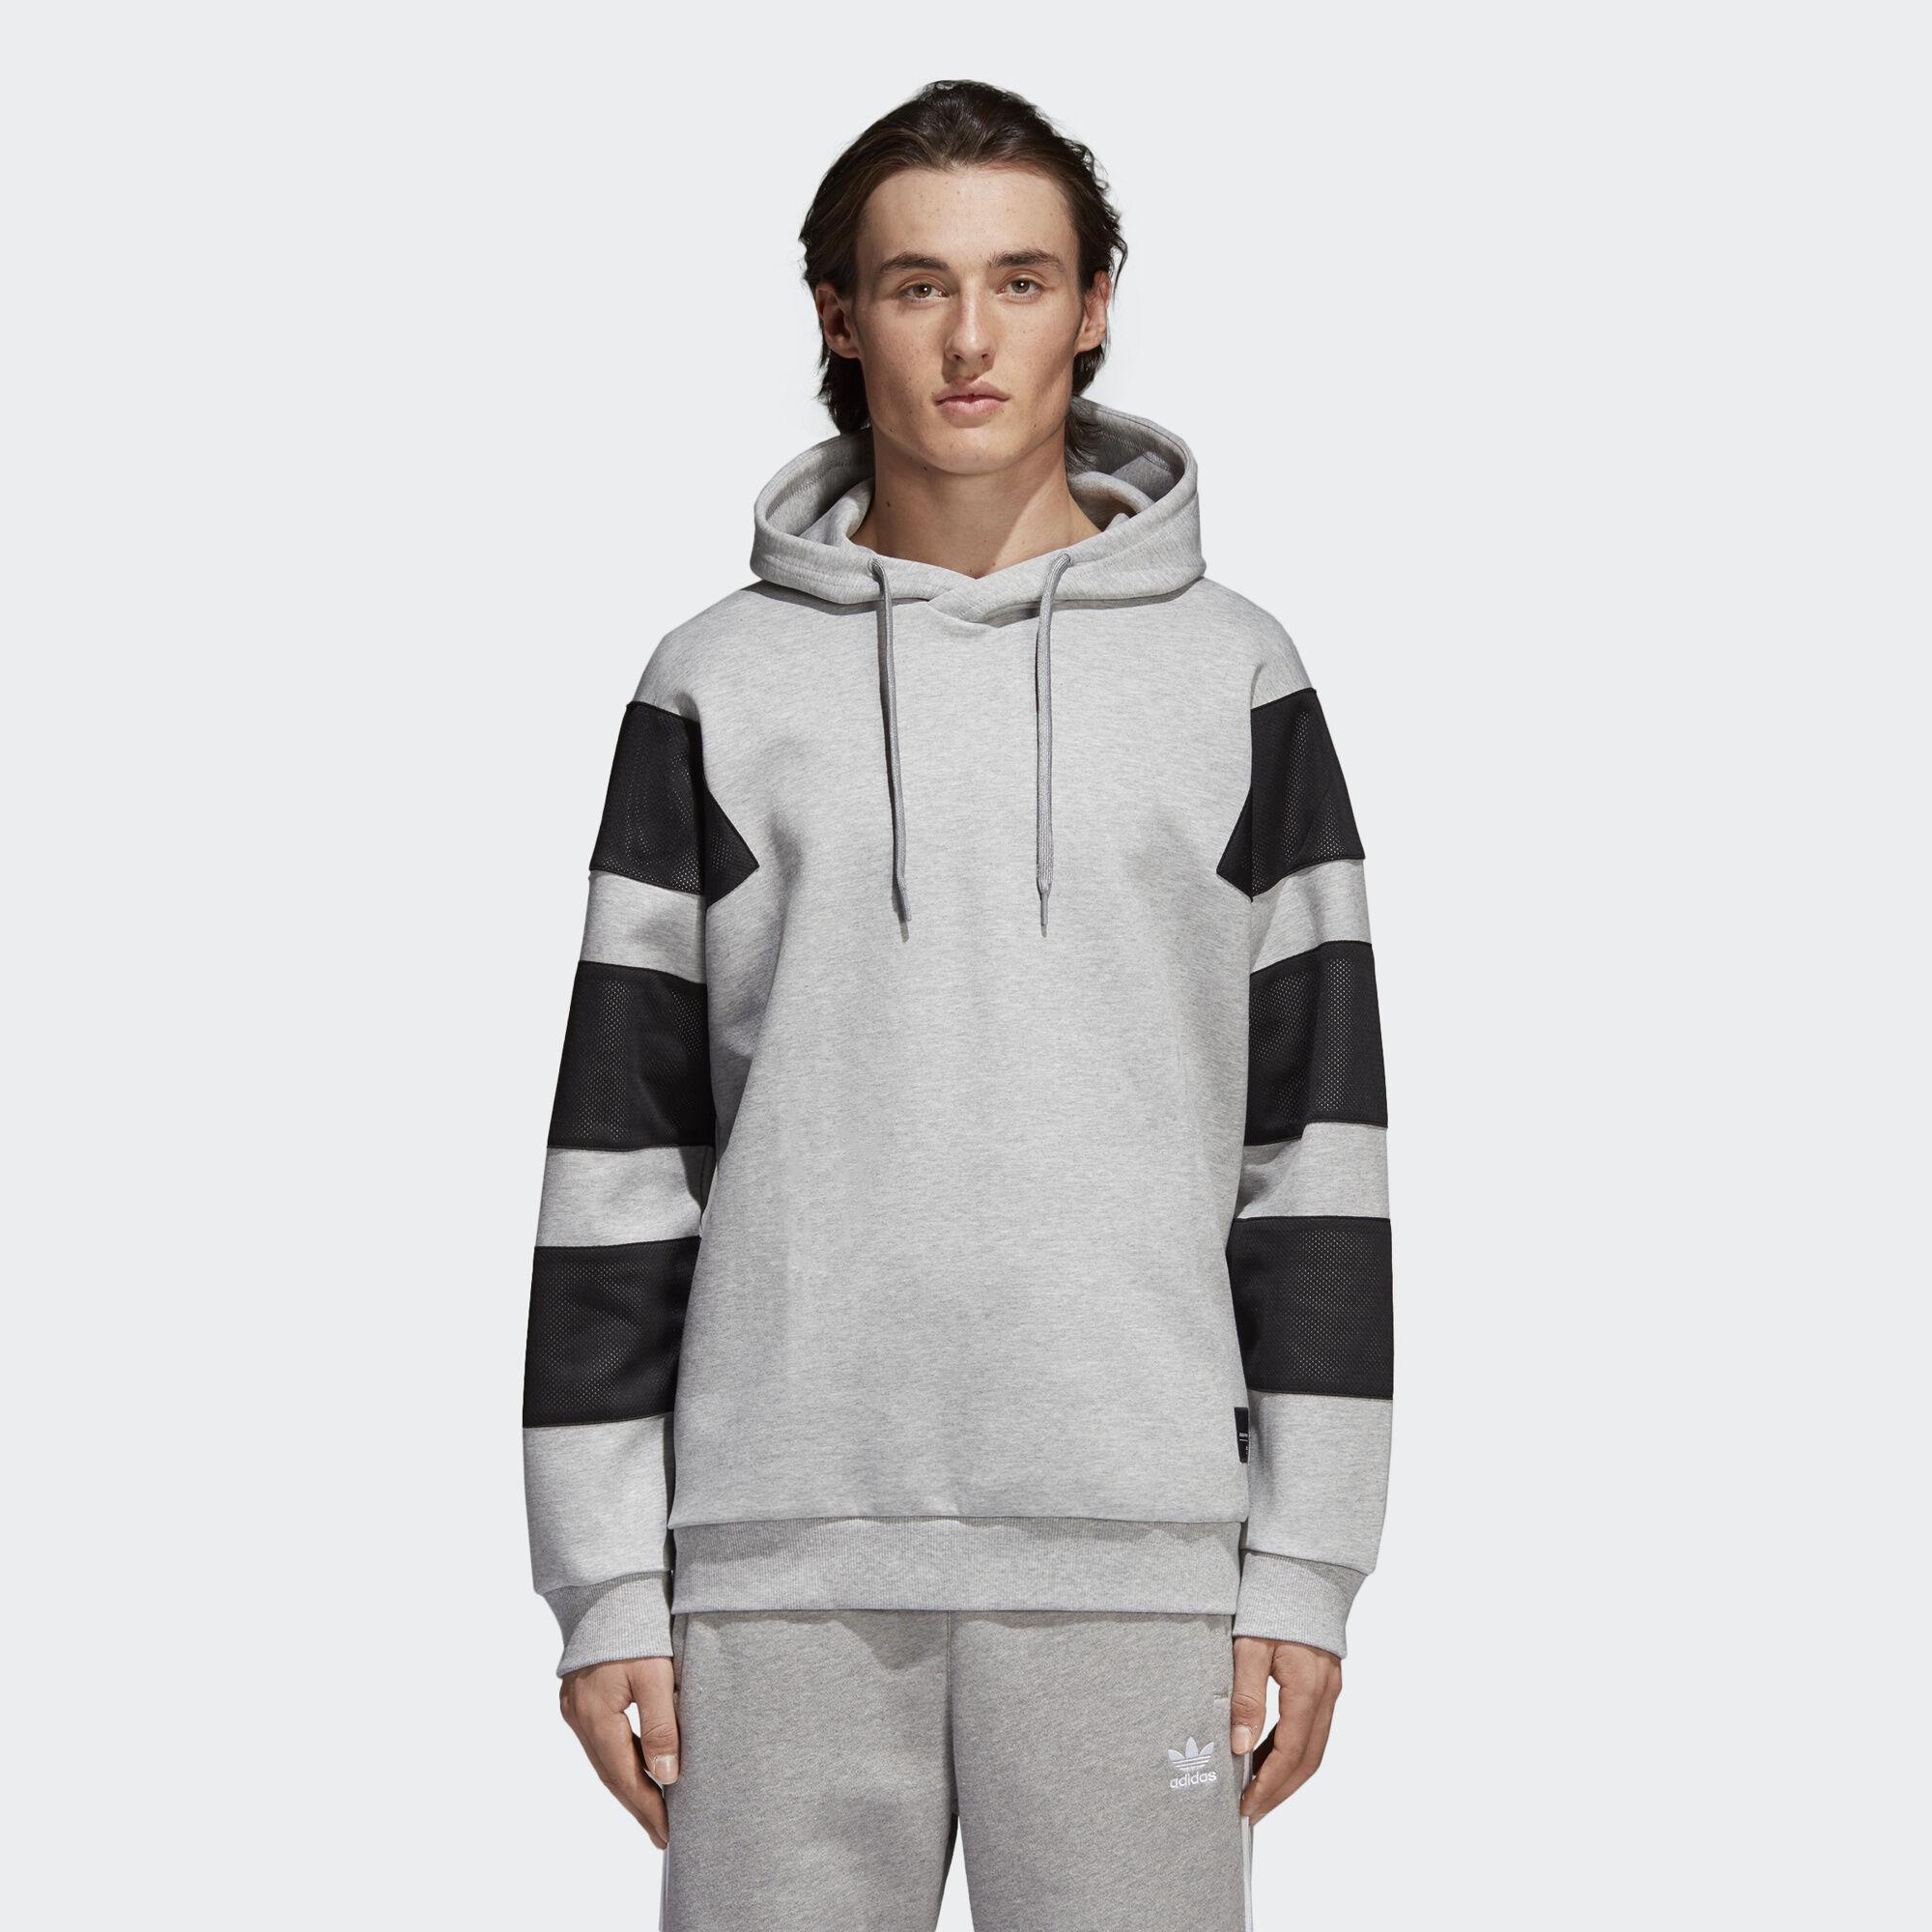 adidas EQT Sudadera con capucha gris capucha con gris | 856a448 - burpimmunitet.website